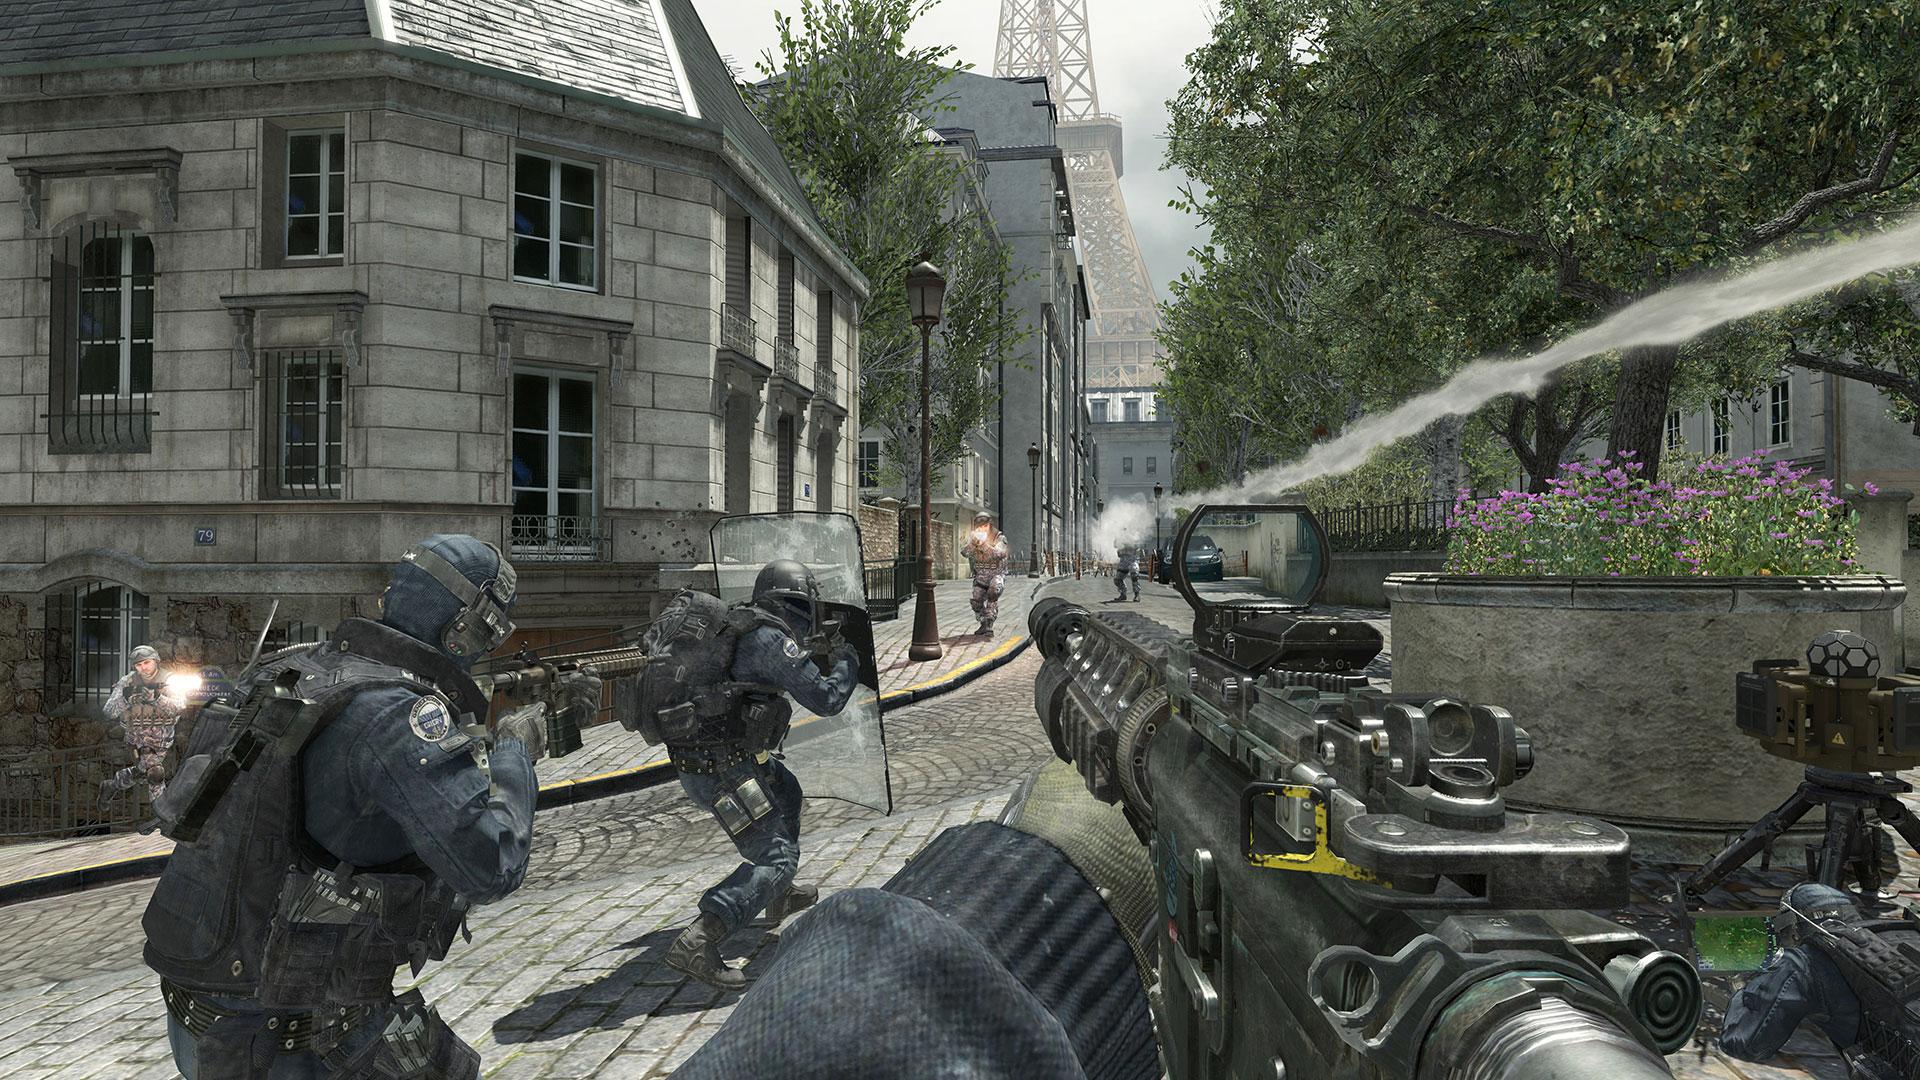 Les jeux vidéo dont l'action se situe en France [MAJ] - Page 4 Call-of-Duty_Modern-Warfare-3_08